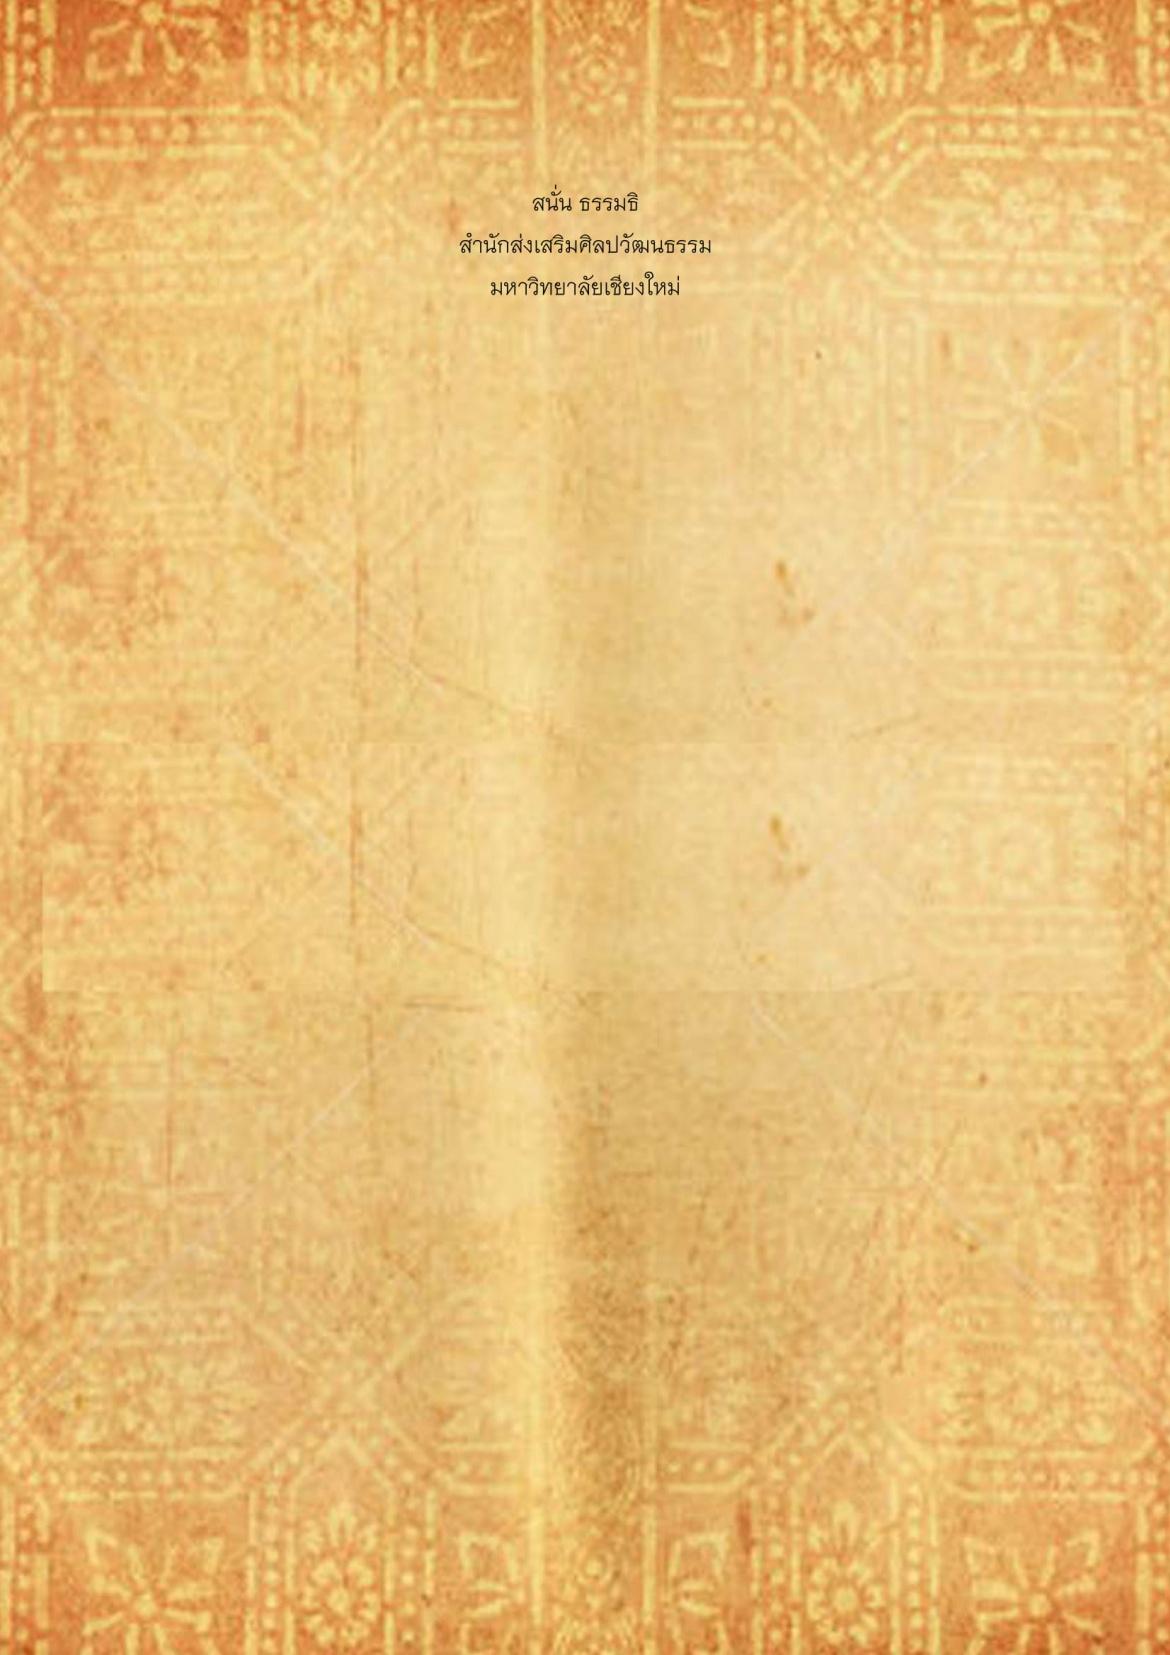 พิธีกรรมเเละความเชื่อการปลูกเรือนล้านนา(33) - 17 มิถุนายน 2562